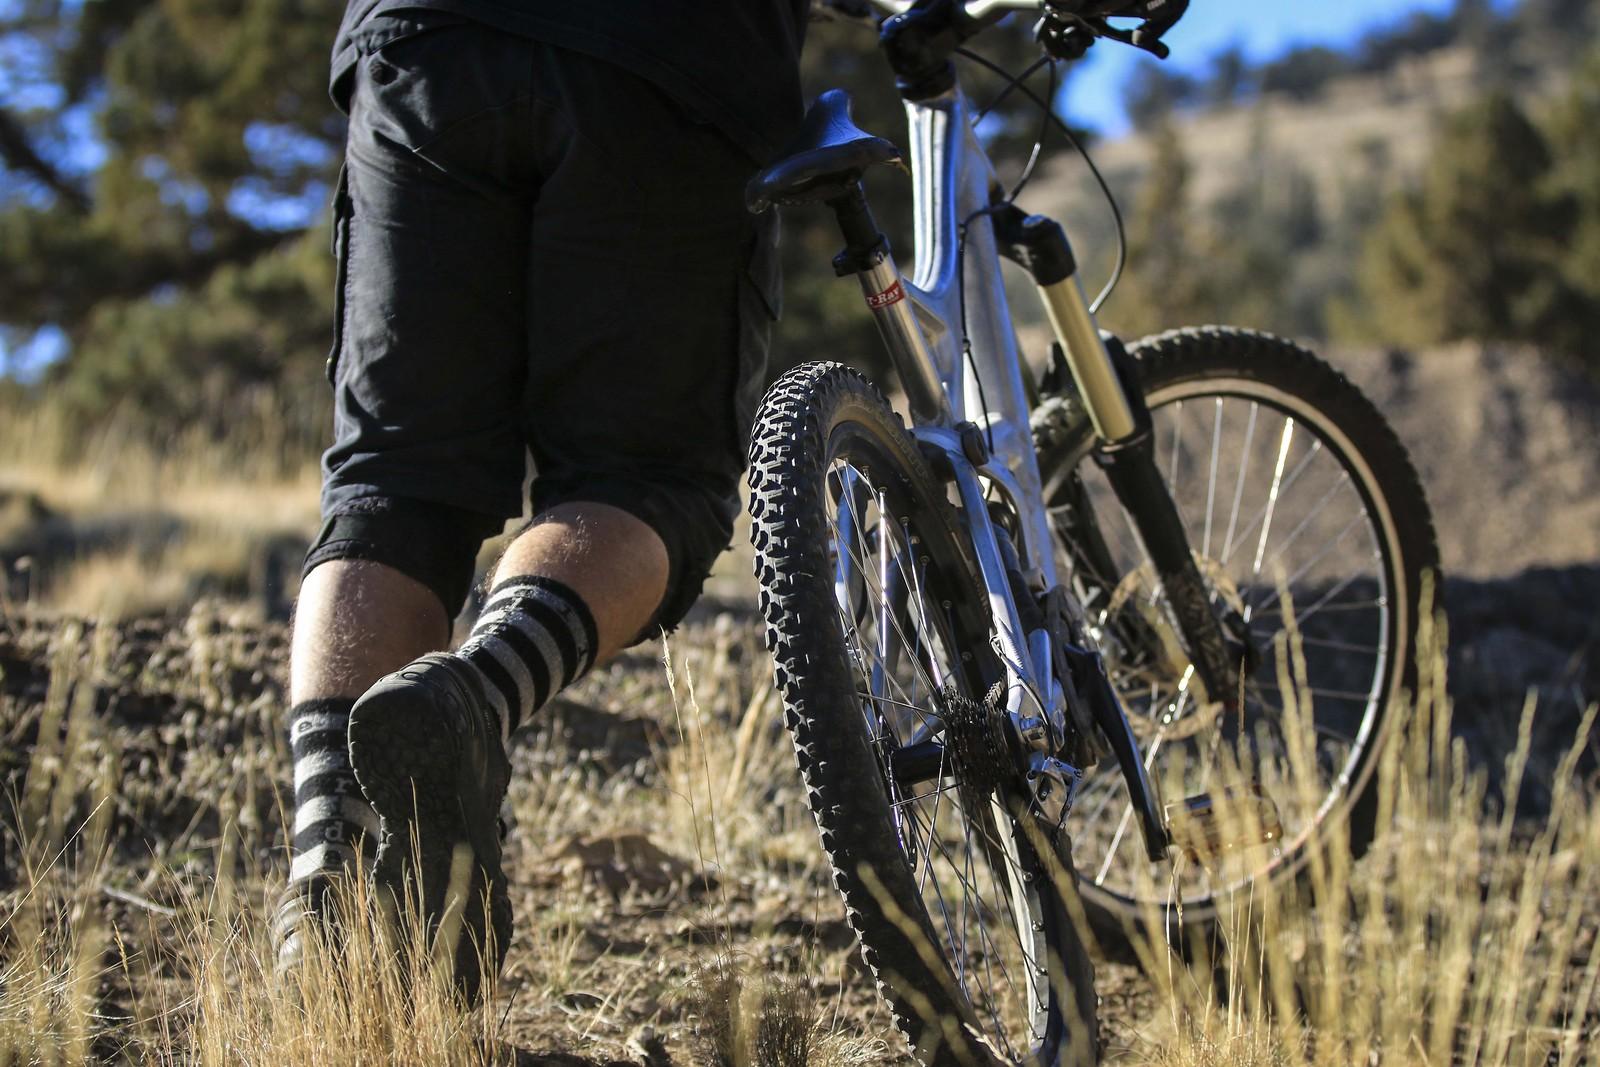 Tanner-3 - Yuroshek - Mountain Biking Pictures - Vital MTB